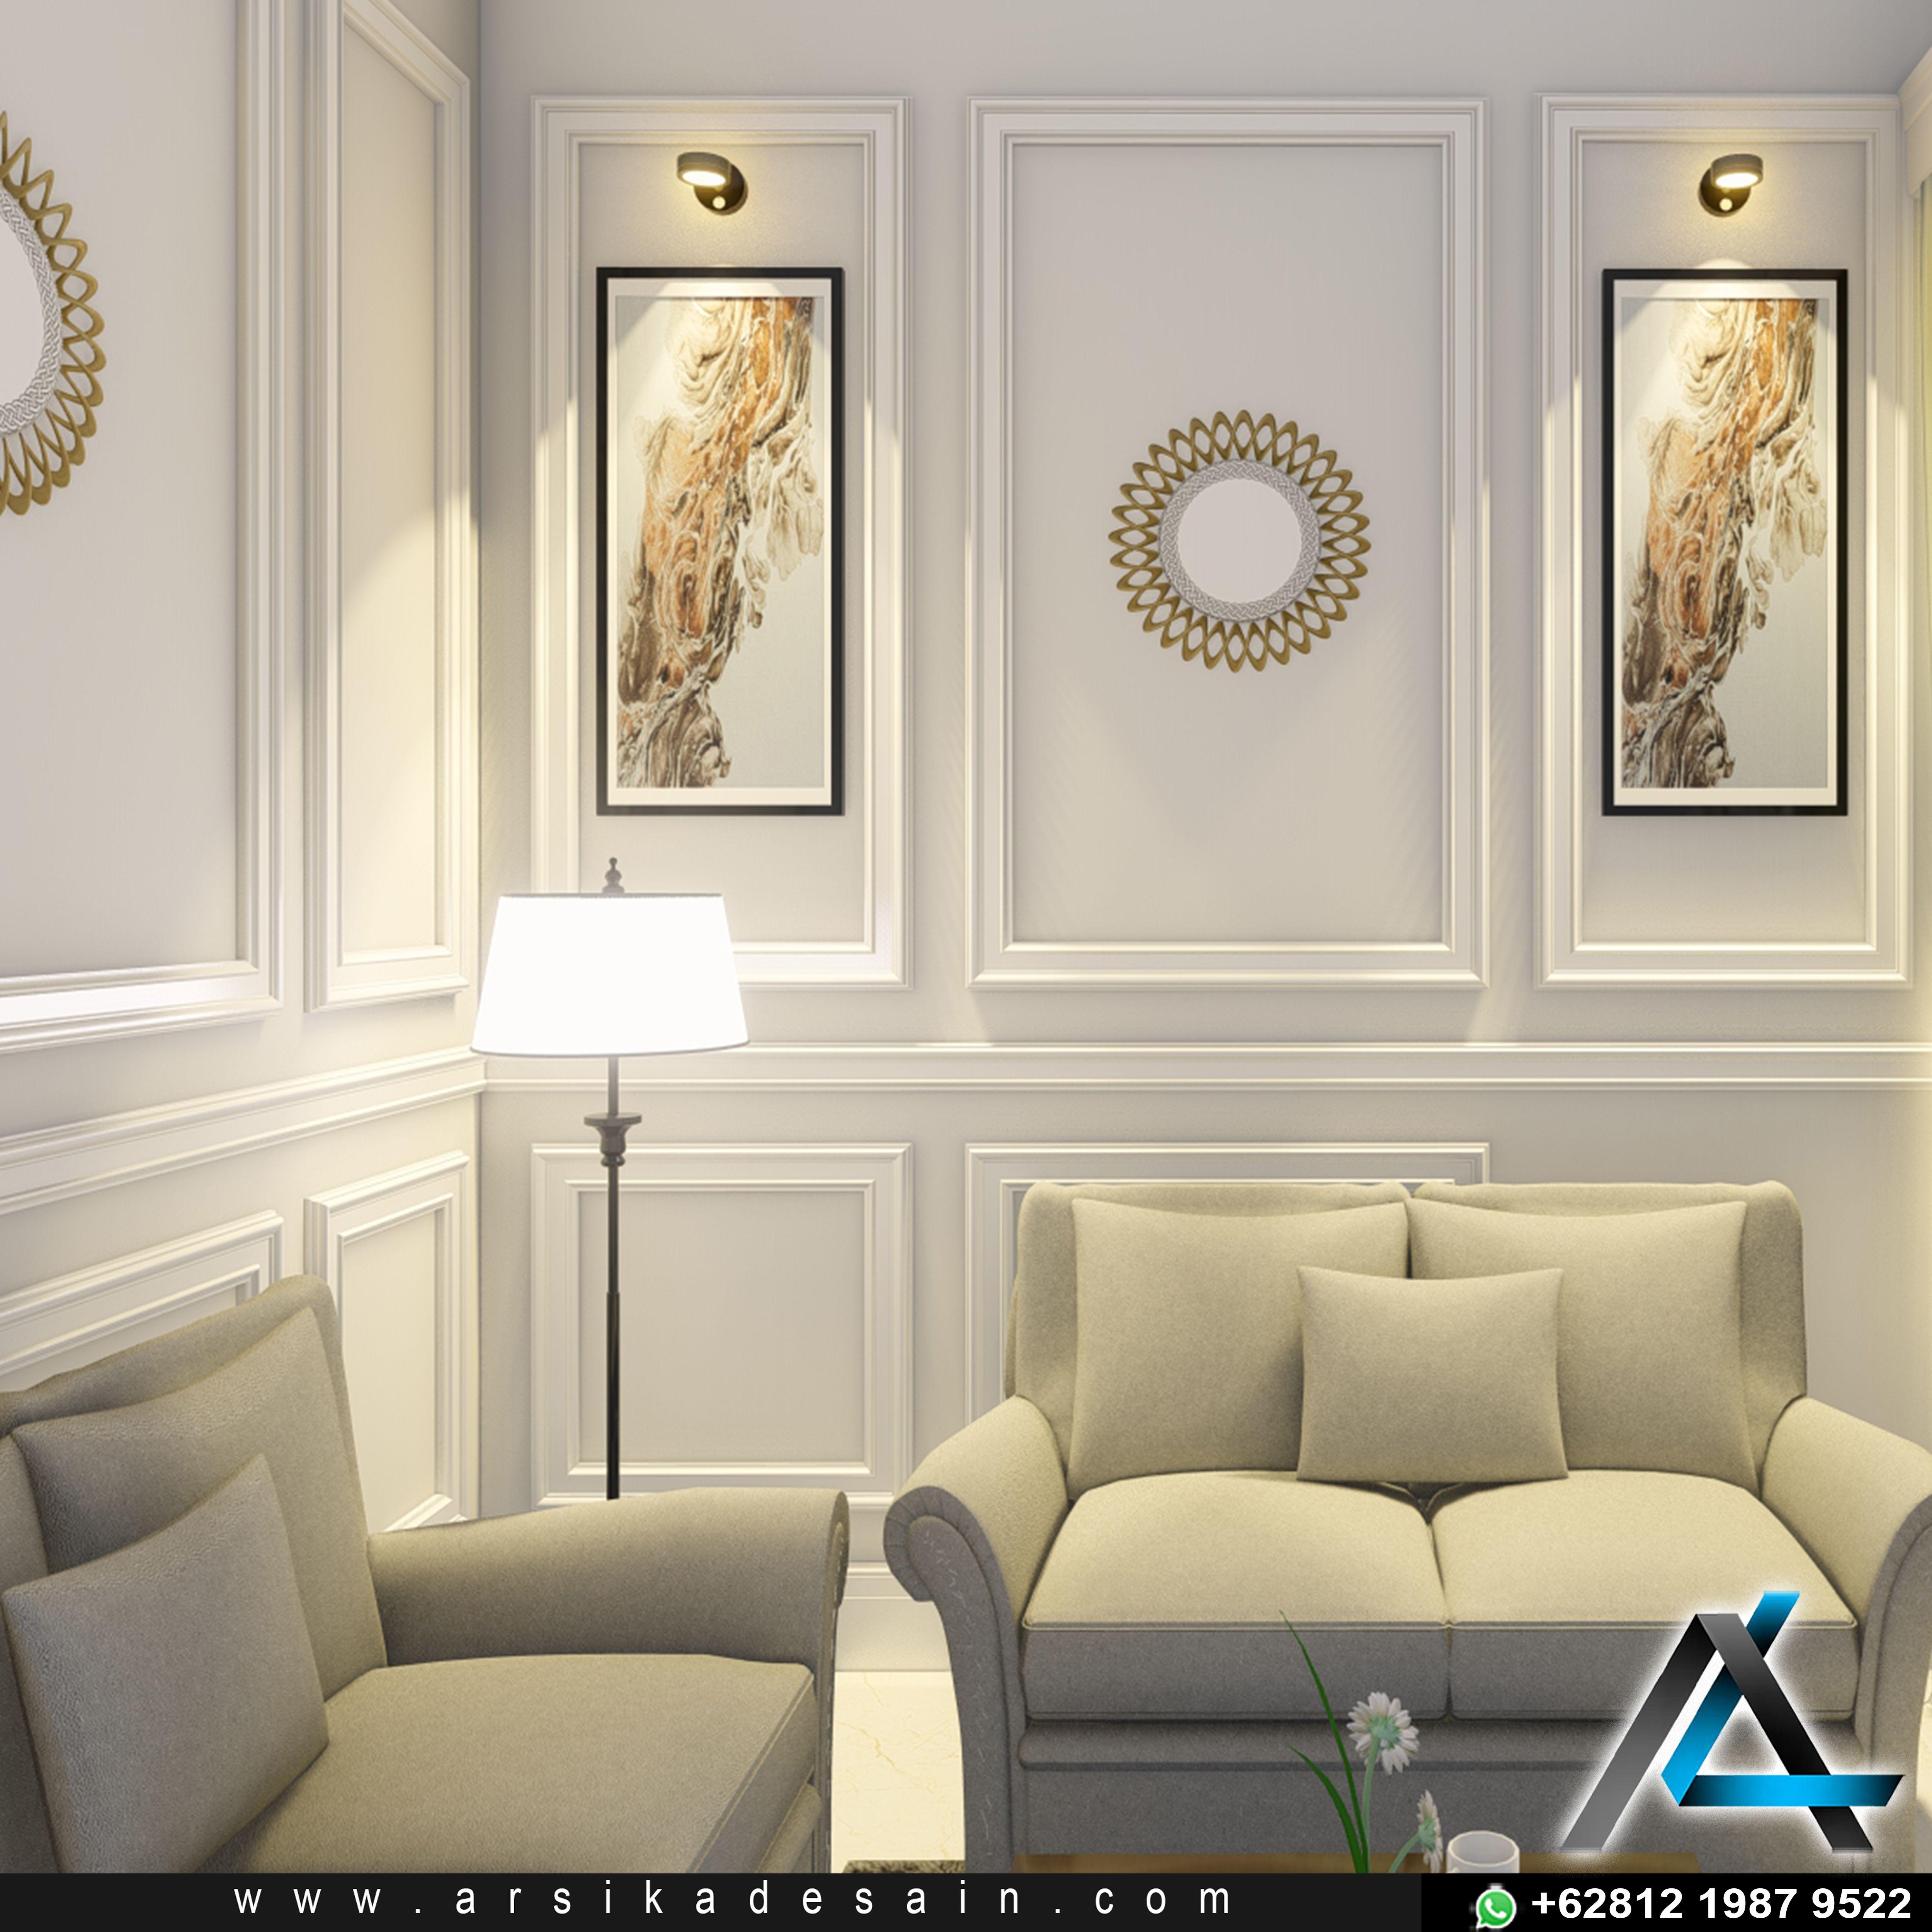 Desain Interior Ruang Tamu Rumah Klasik Ruang Tamu Rumah Interior Ide Dekorasi Rumah